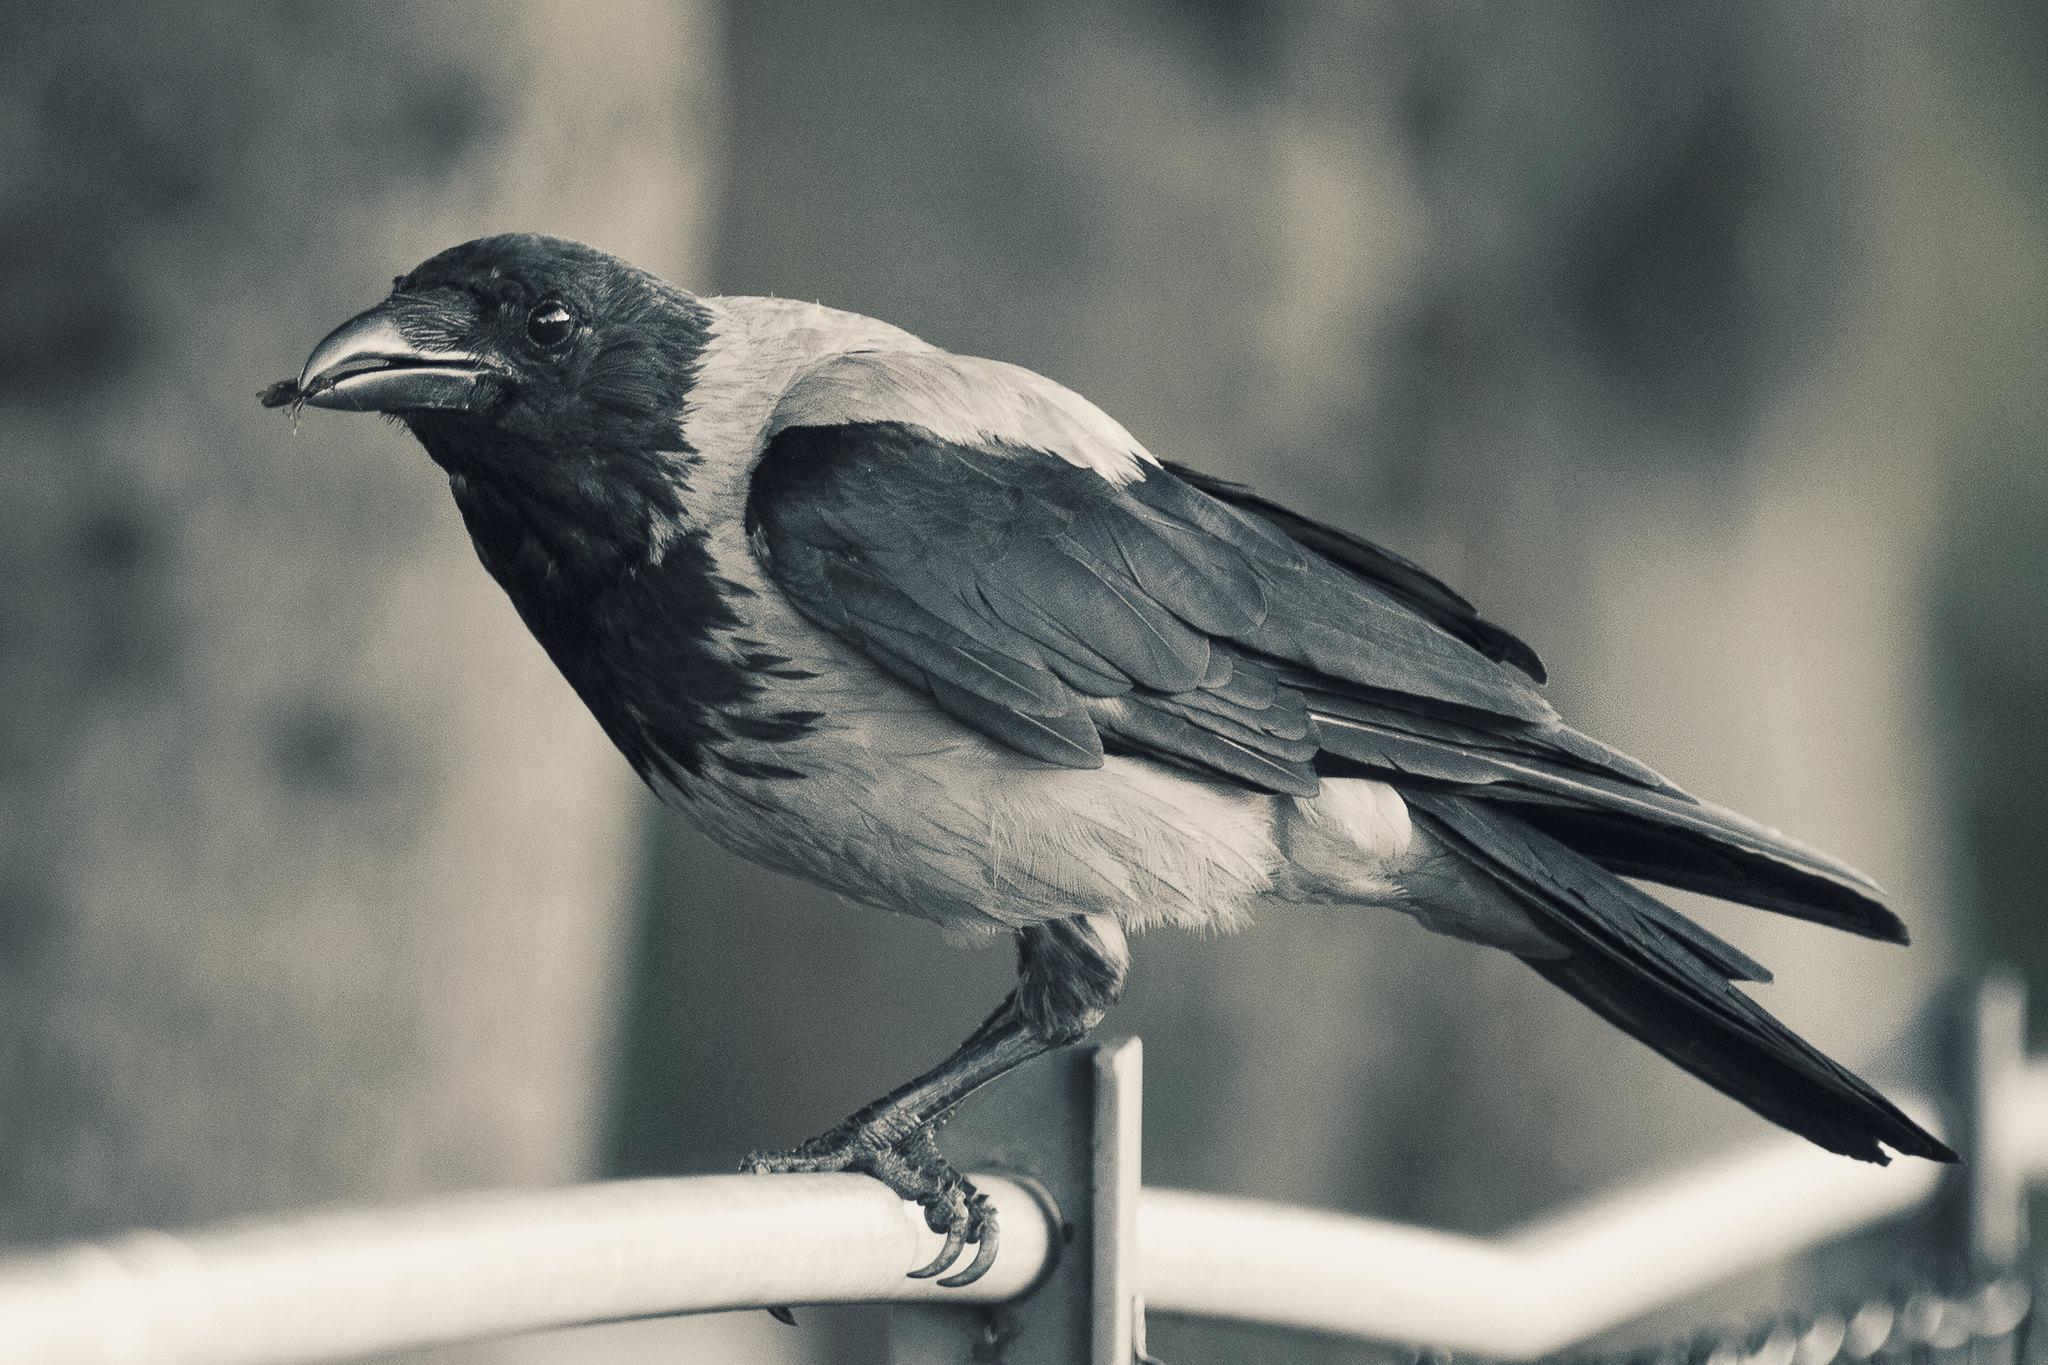 Crow eating bug